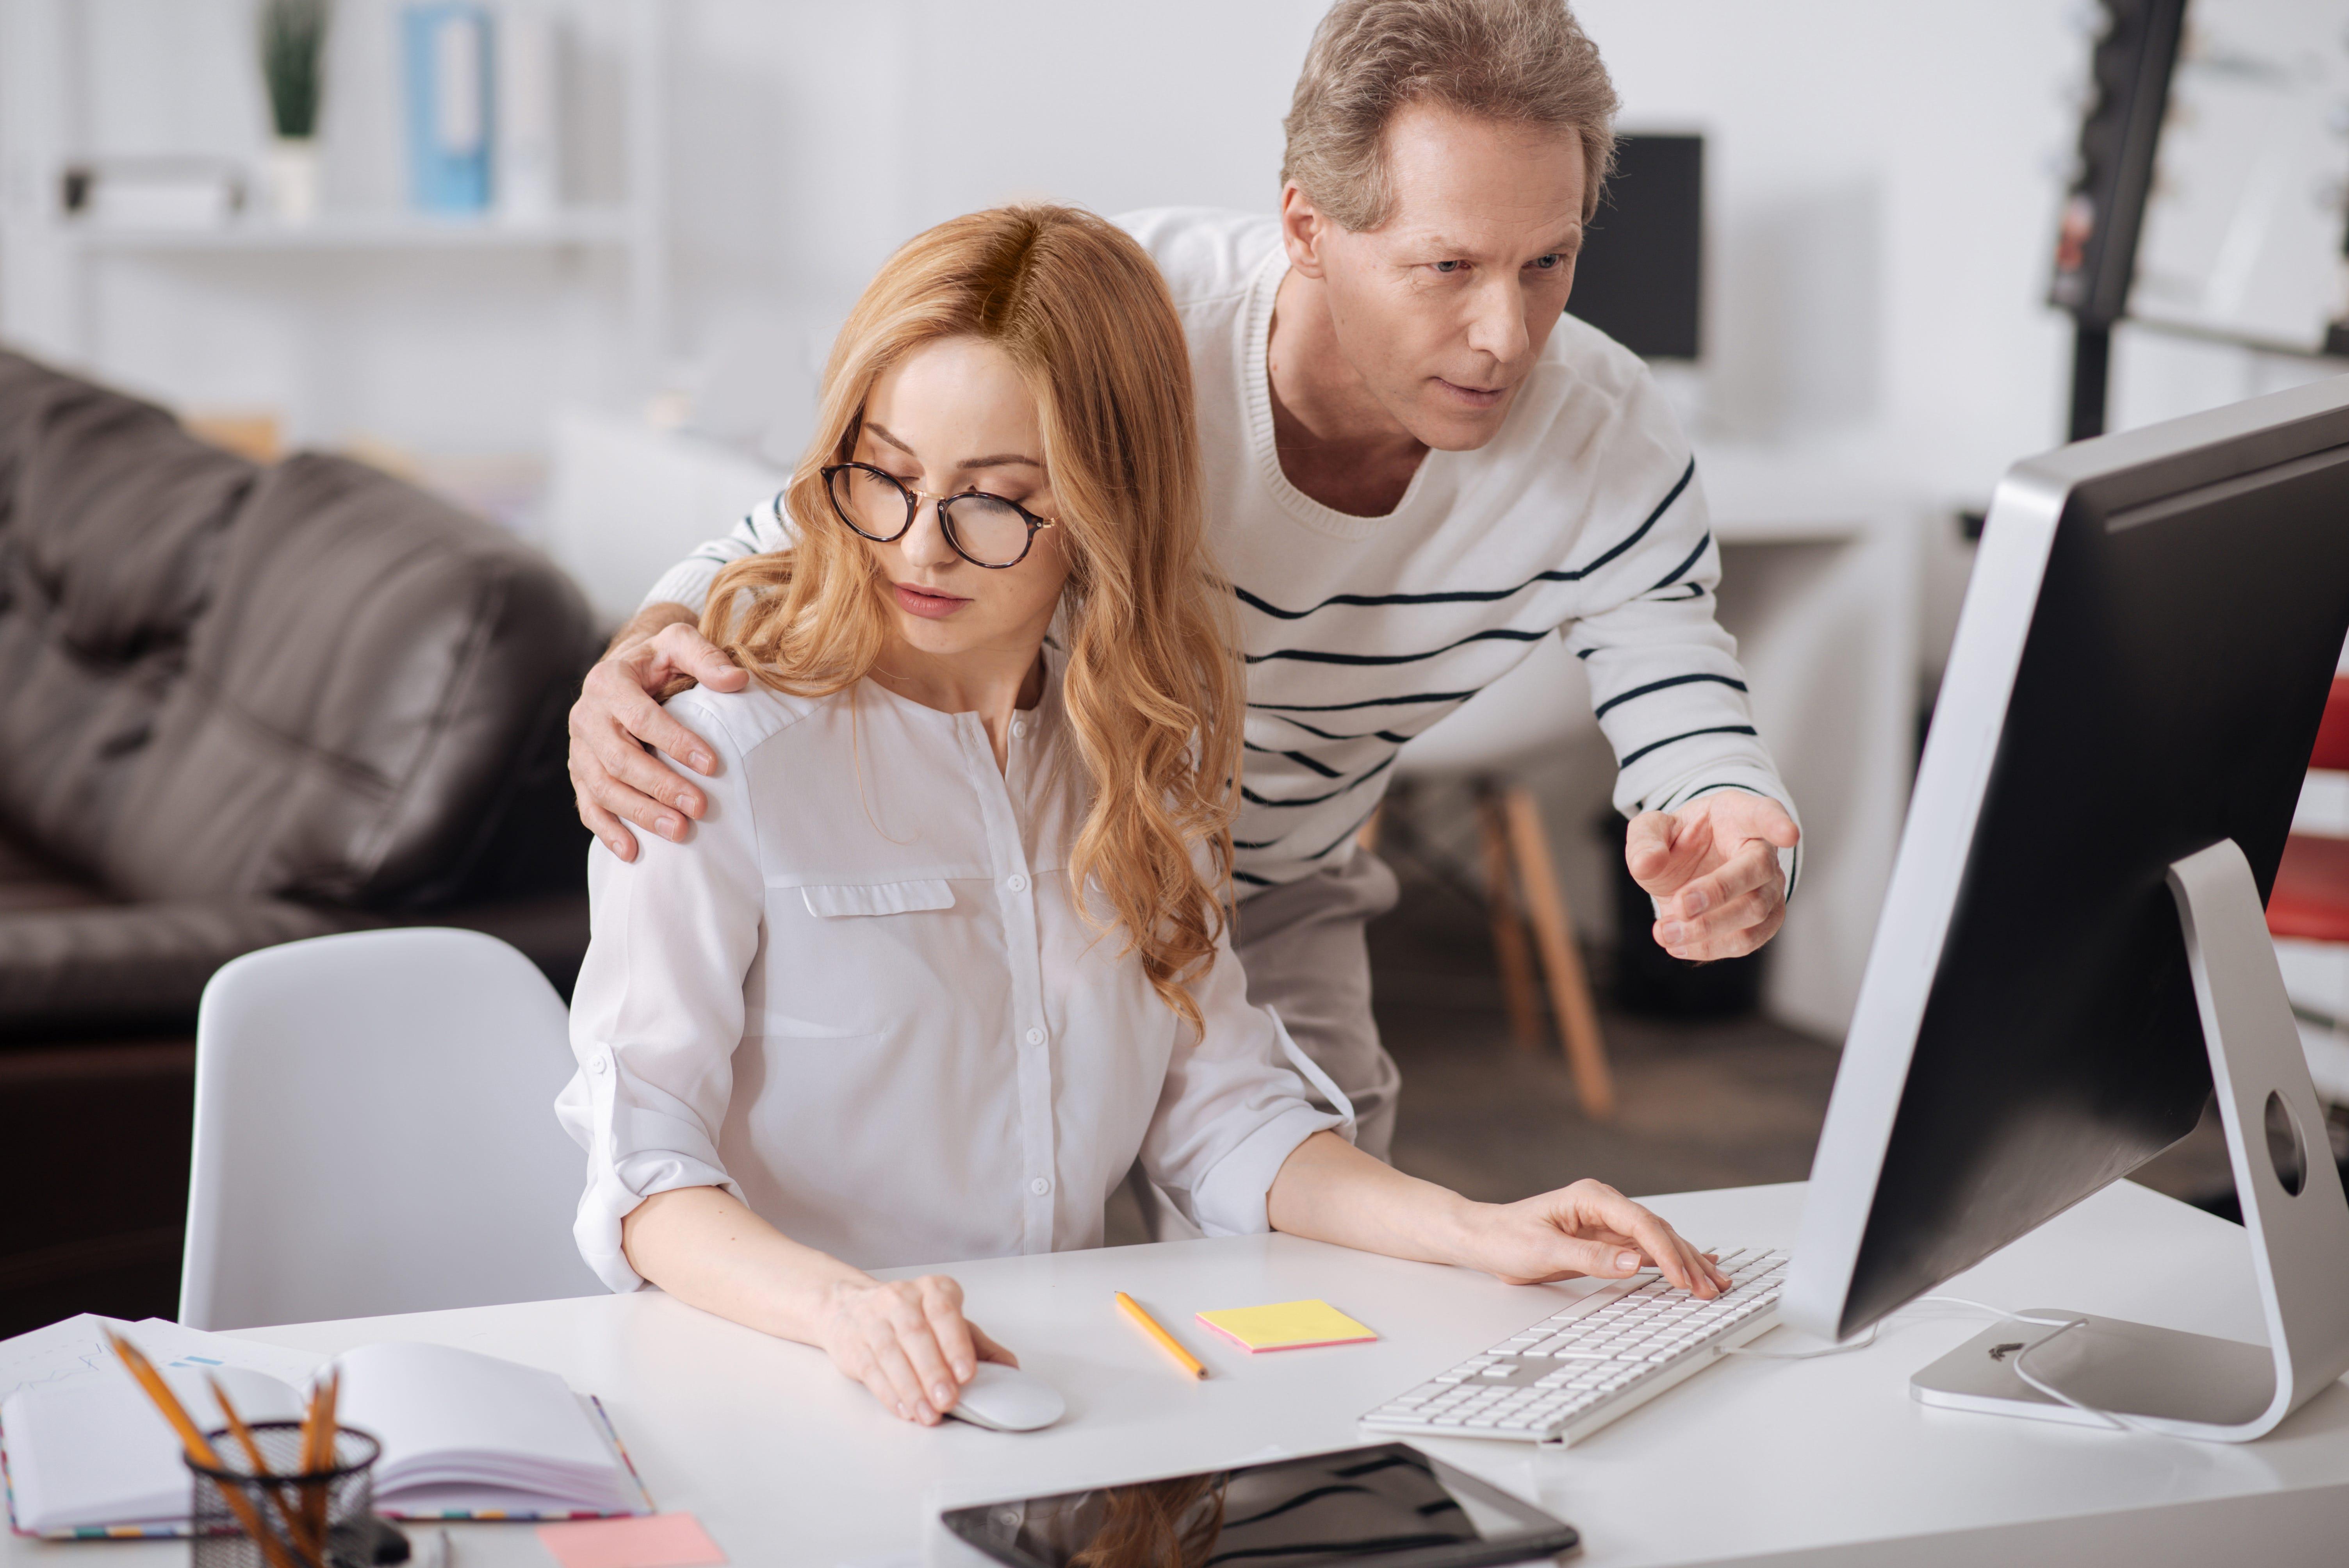 Pixote a lei do mais fraco online dating